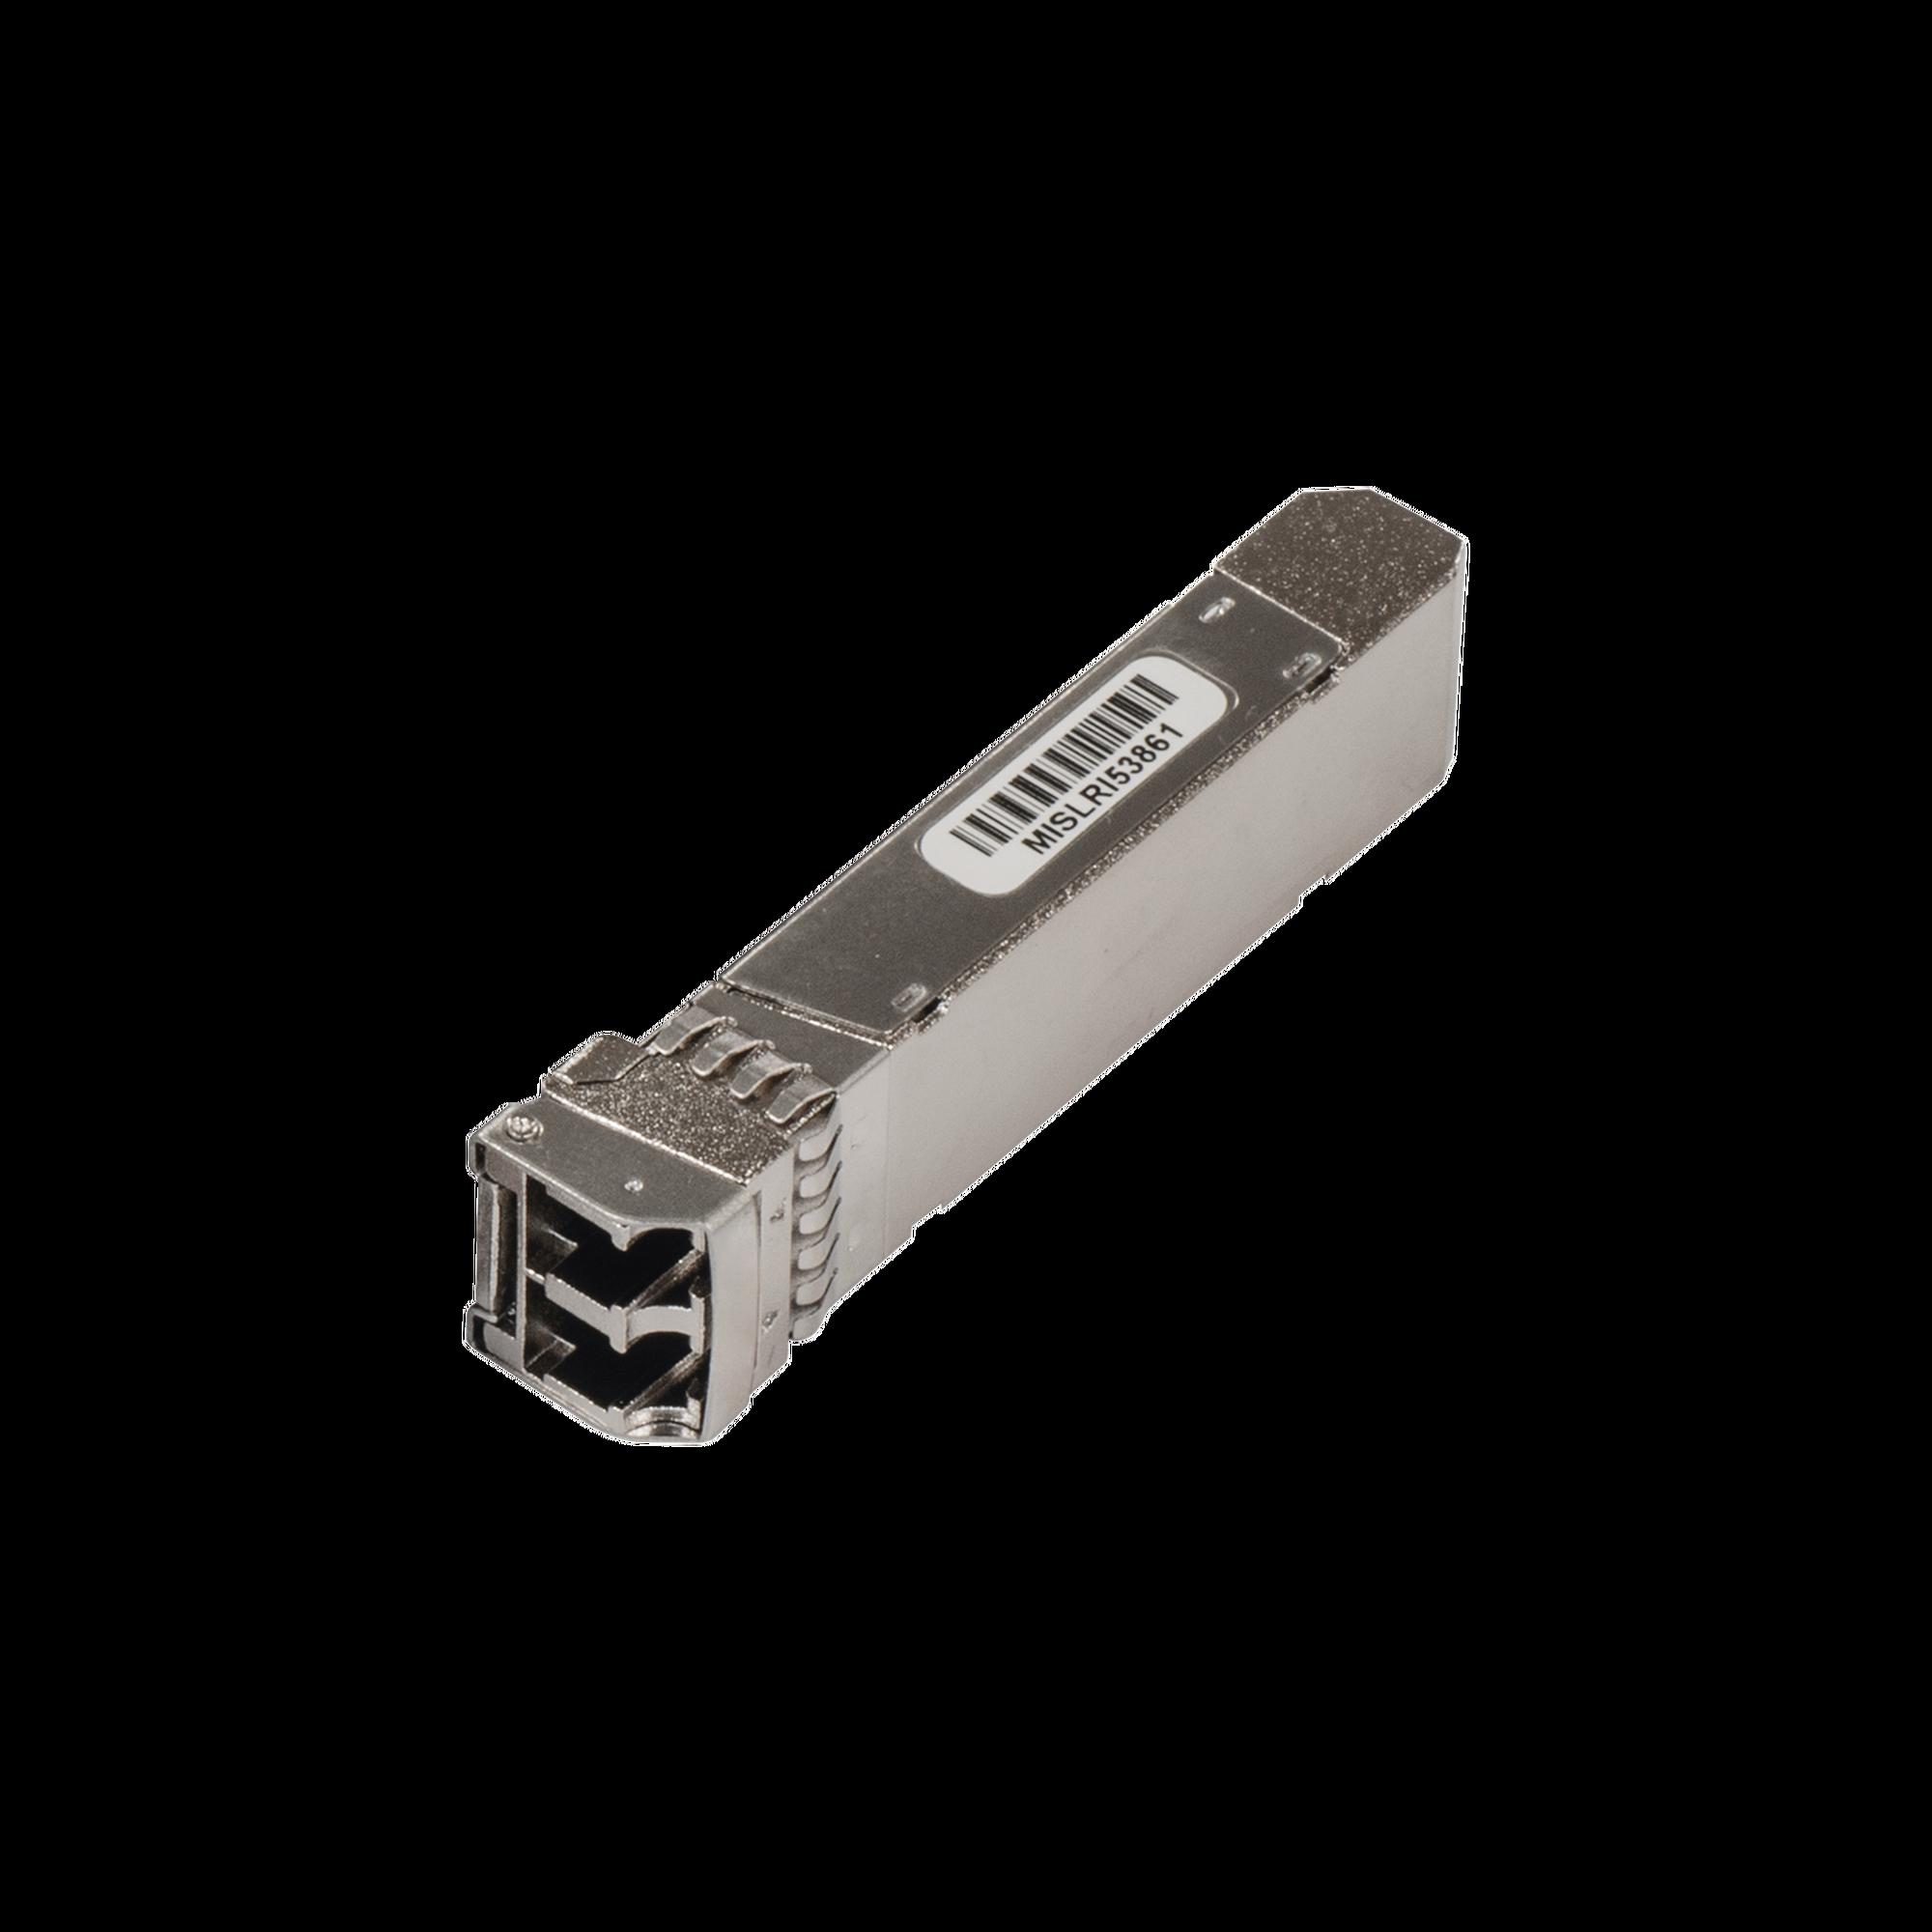 SFP CWDM module 1.25G SM 40km 1490nm Dual LC-connector DDM